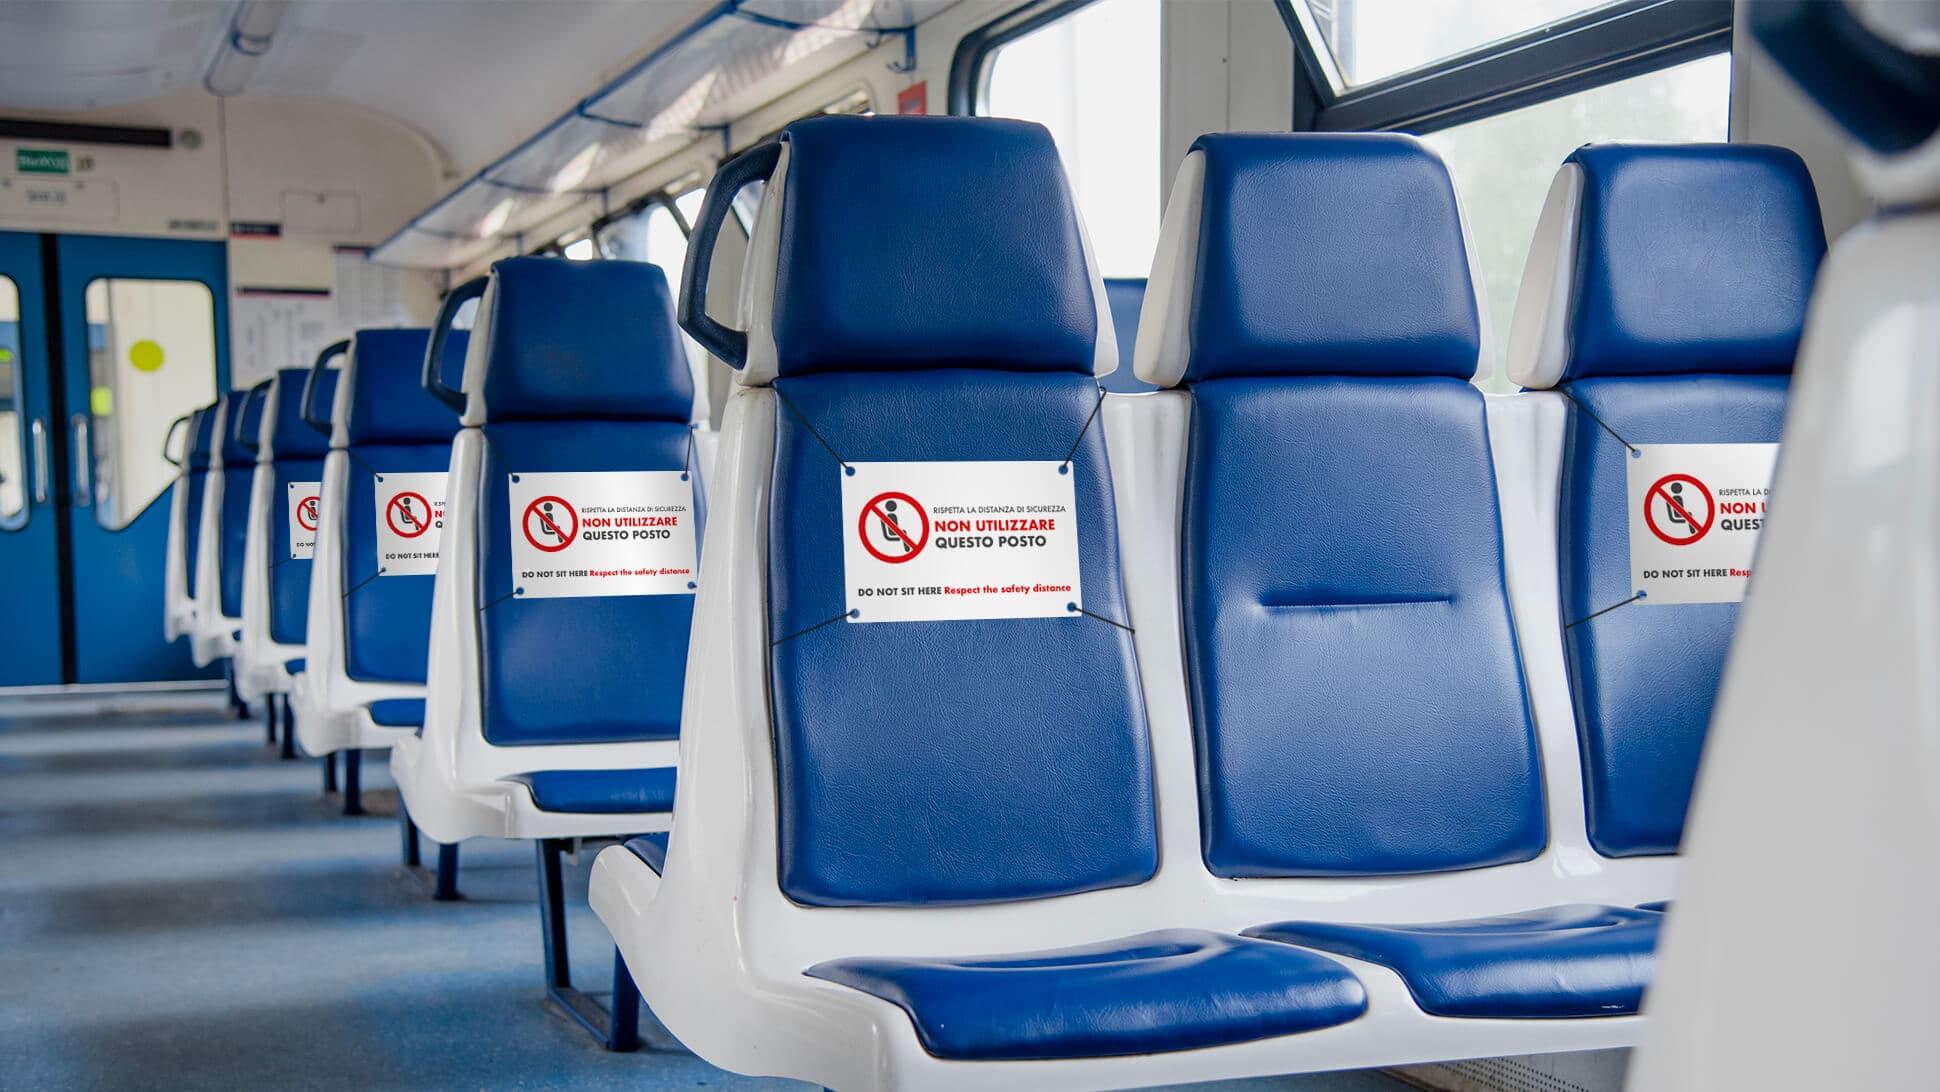 Segnaposto per autobus, treni, luoghi pubblici | tictac.it